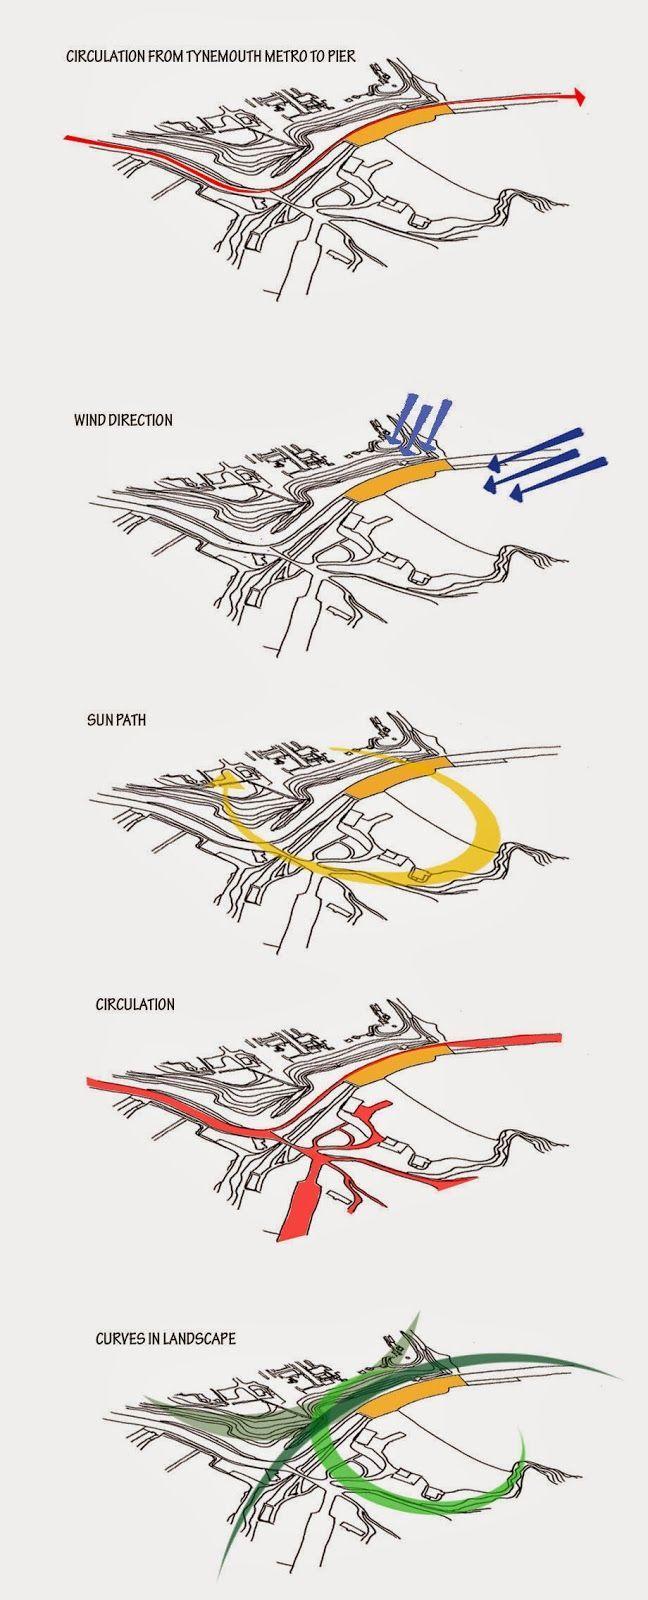 l s e  mills  site analysis diagrams